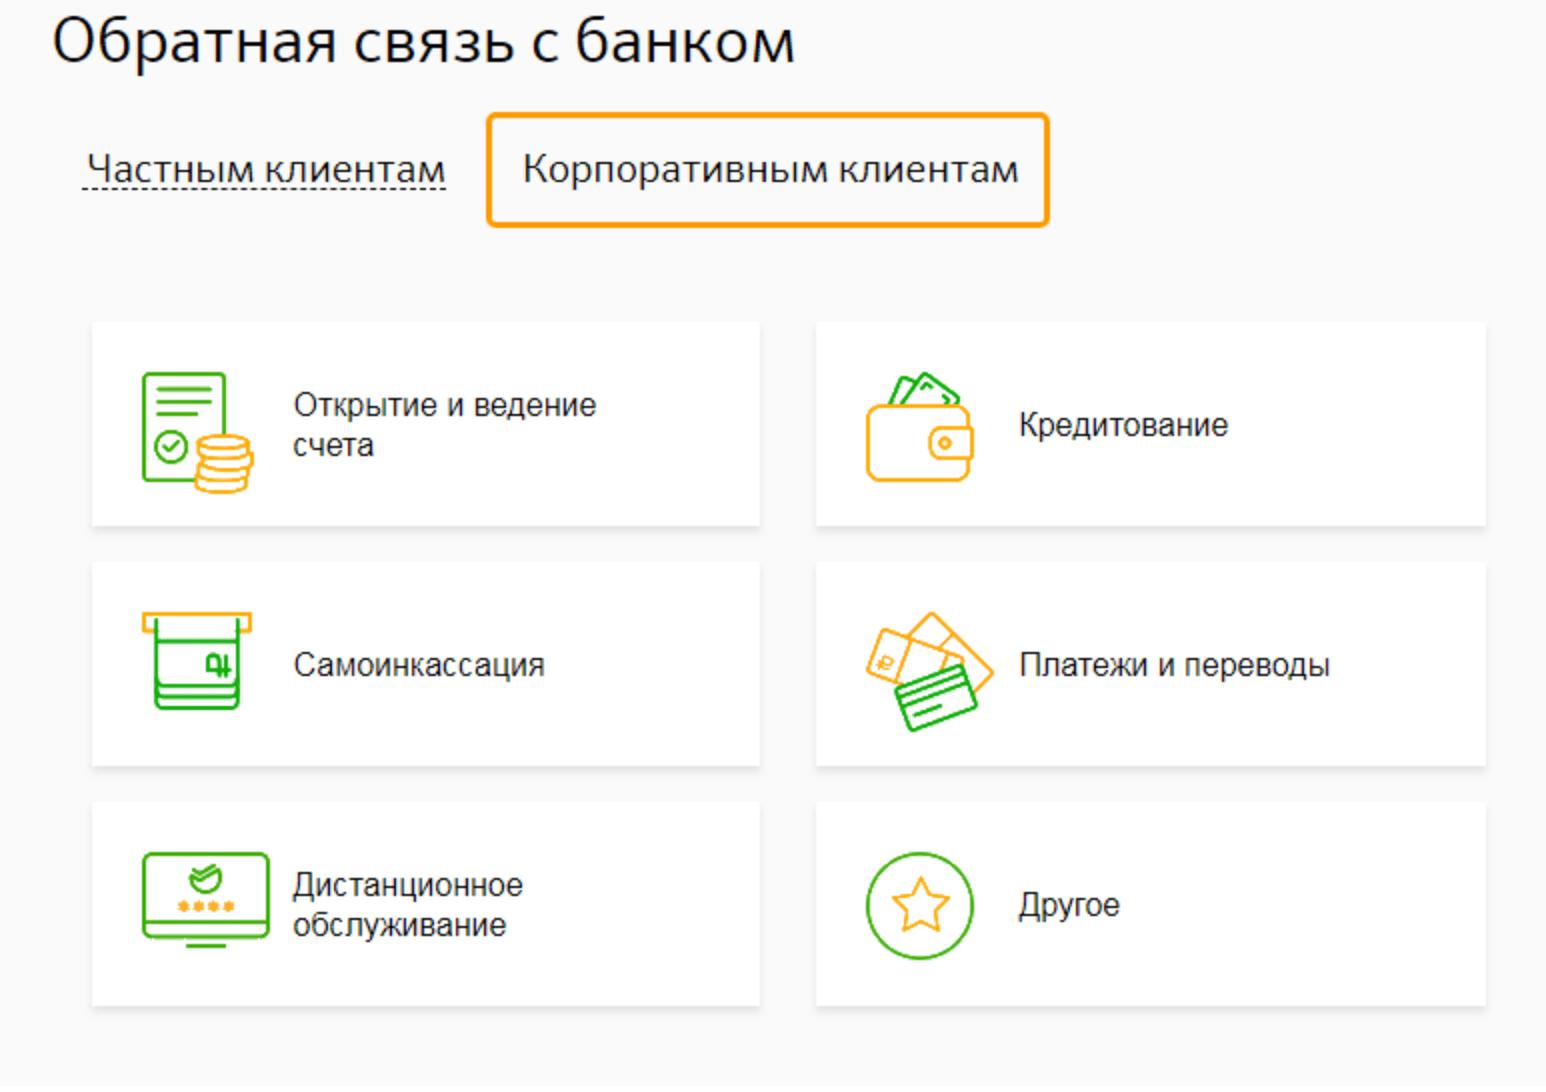 Телефон техподдержки сбербанк бизнес онлайн